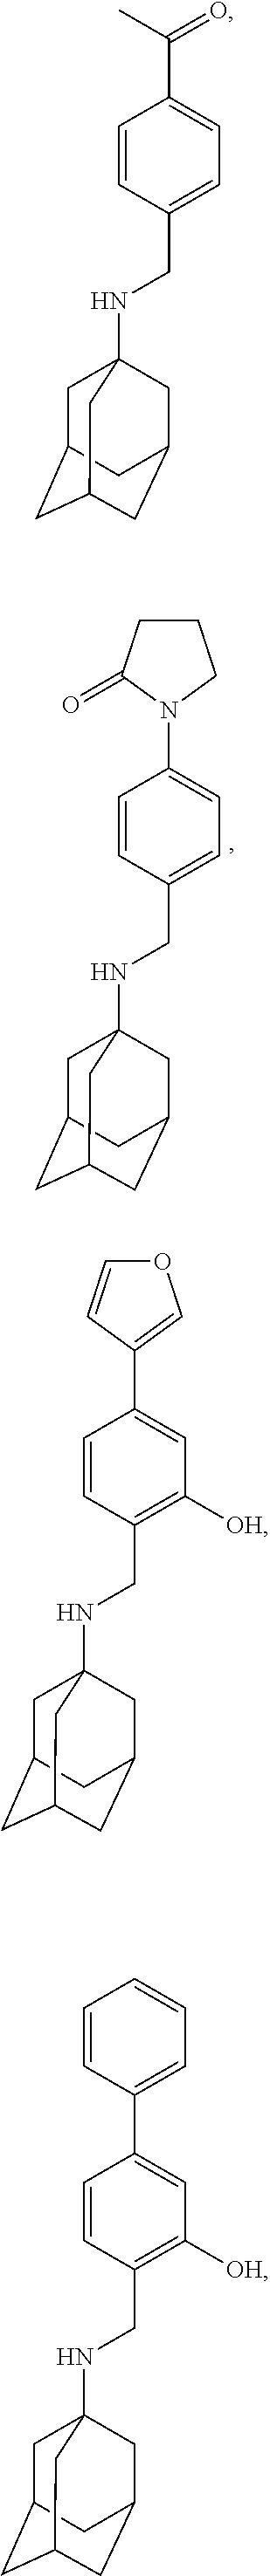 Figure US09884832-20180206-C00038